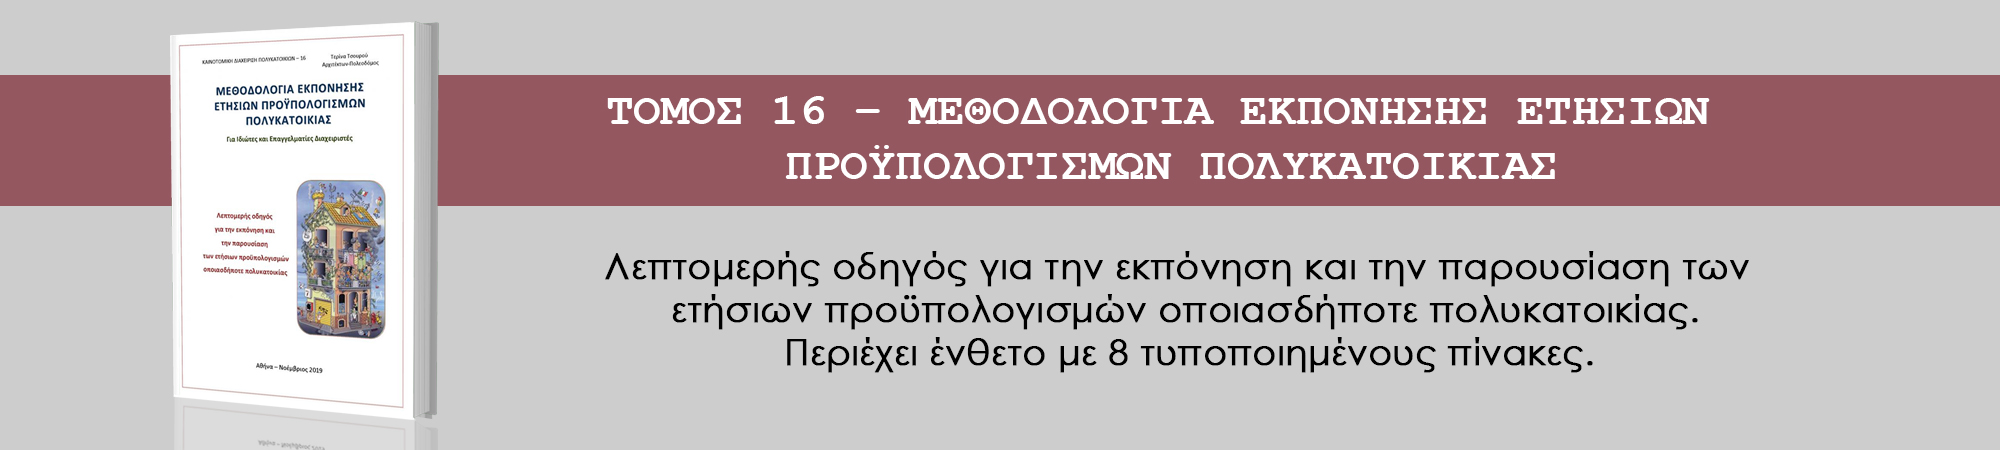 ΜΕΘΟΔΟΛΟΓΙΑ ΕΚΠΟΝΗΣΗΣ-τομος 16